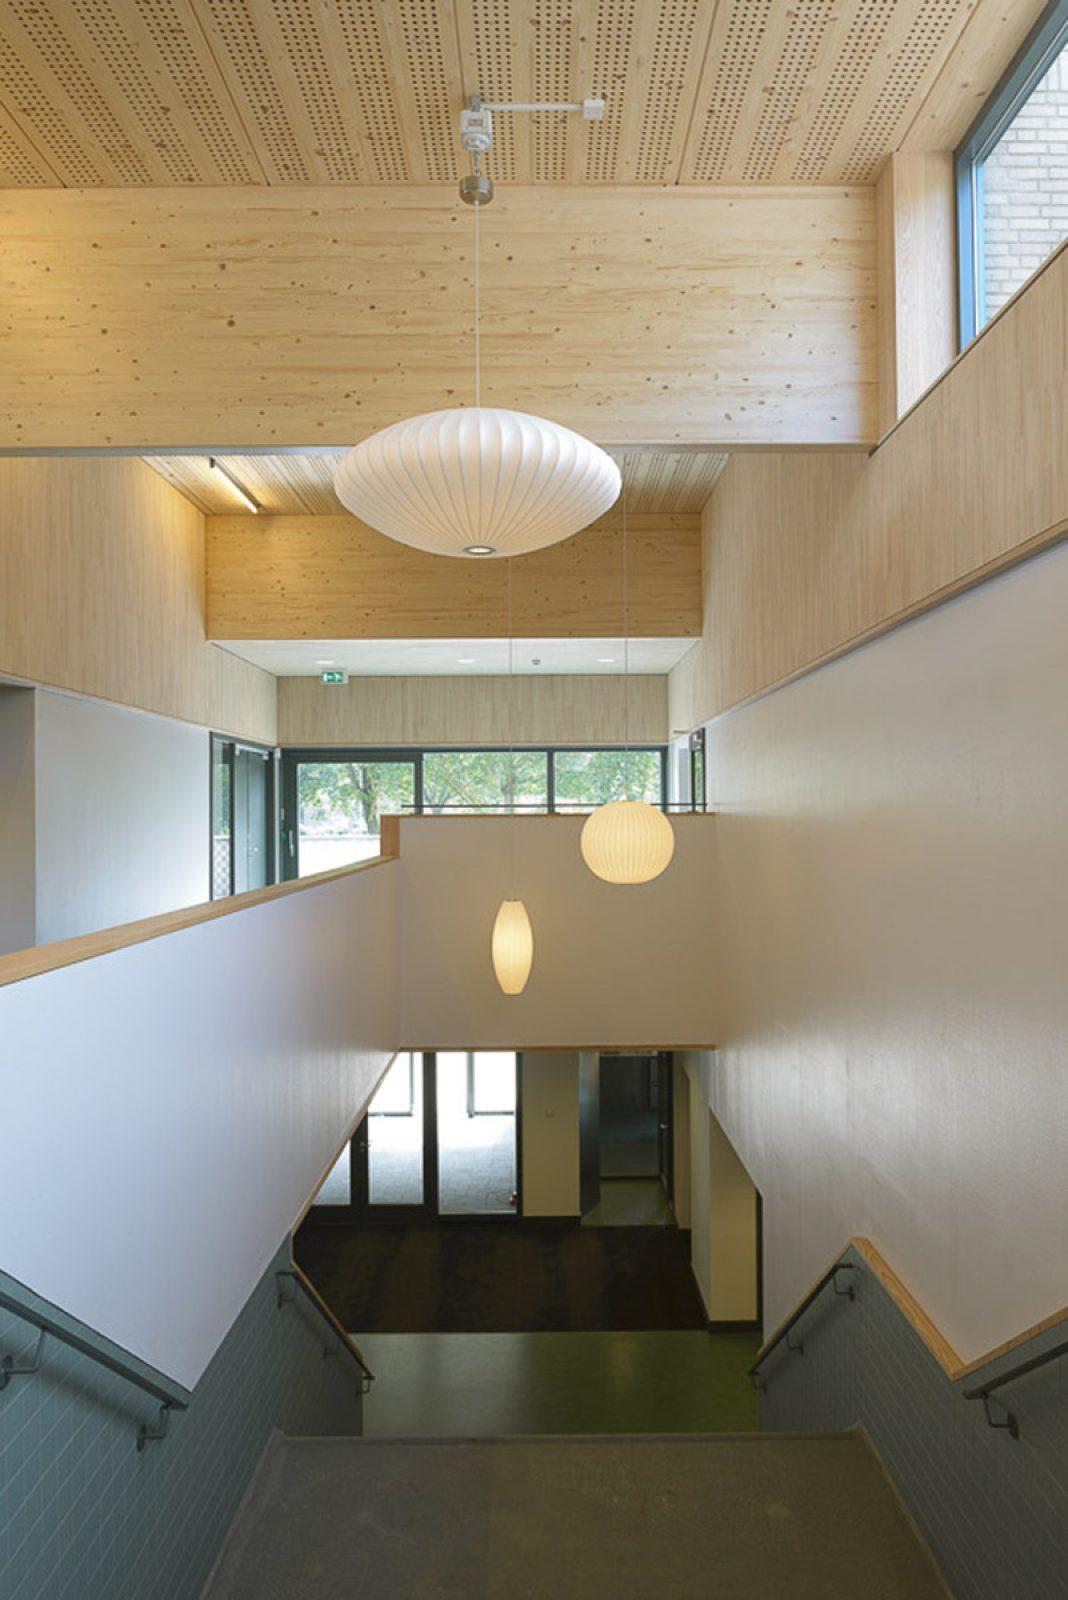 Aj Schreuderschool Stairs 2